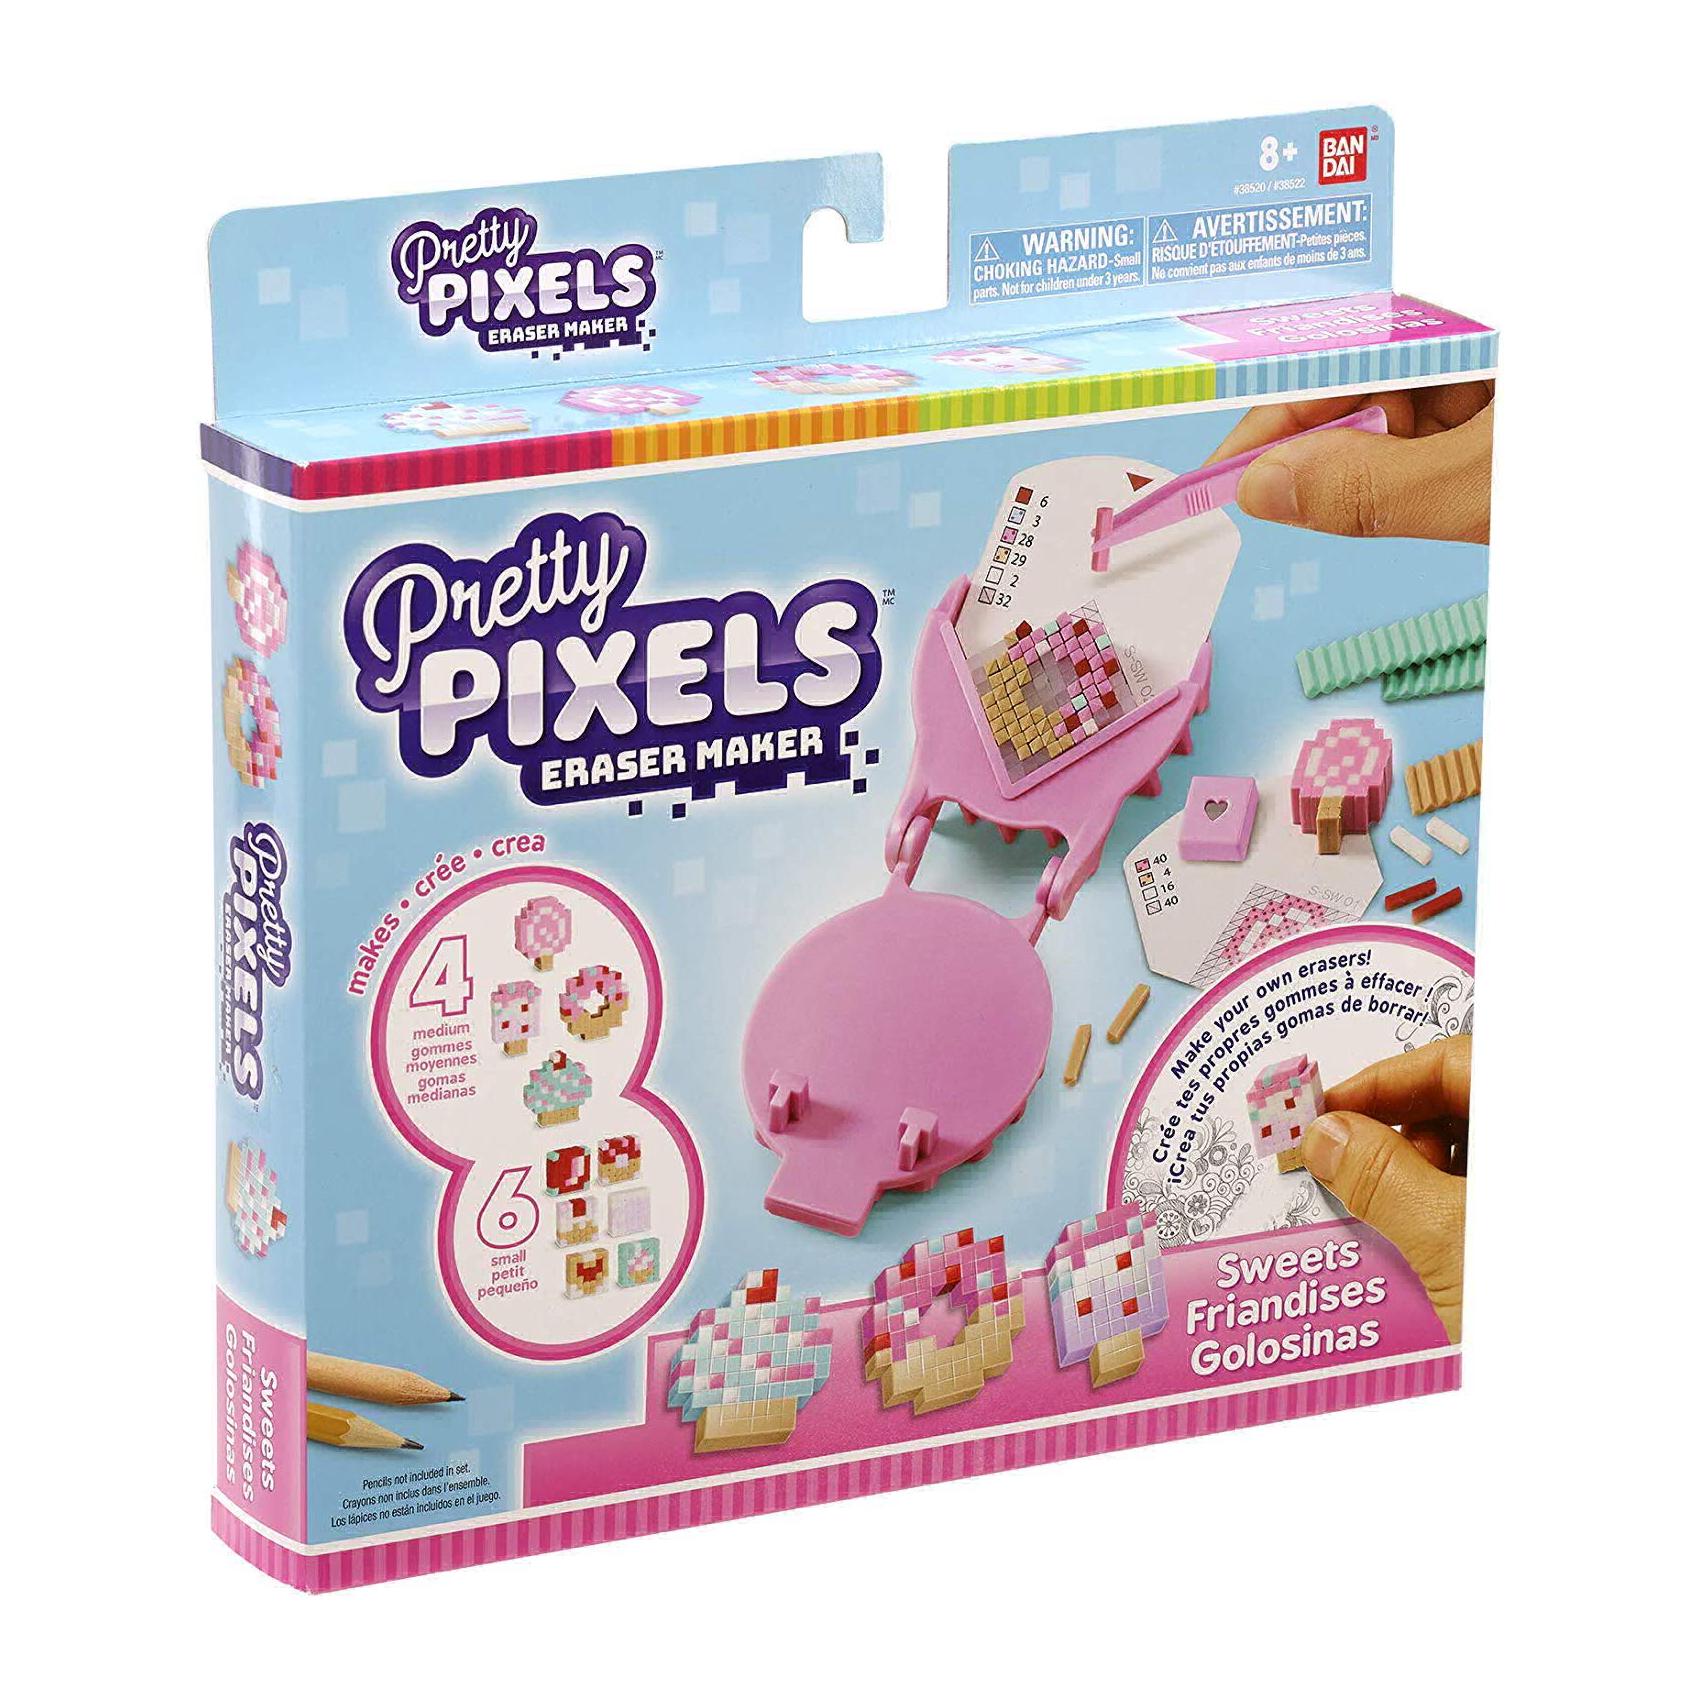 Набор для создания ластиков Pretty Pixels Любимые увлечения pretty pixels студия для создания фигурных ластиков любимые увлечения розовый